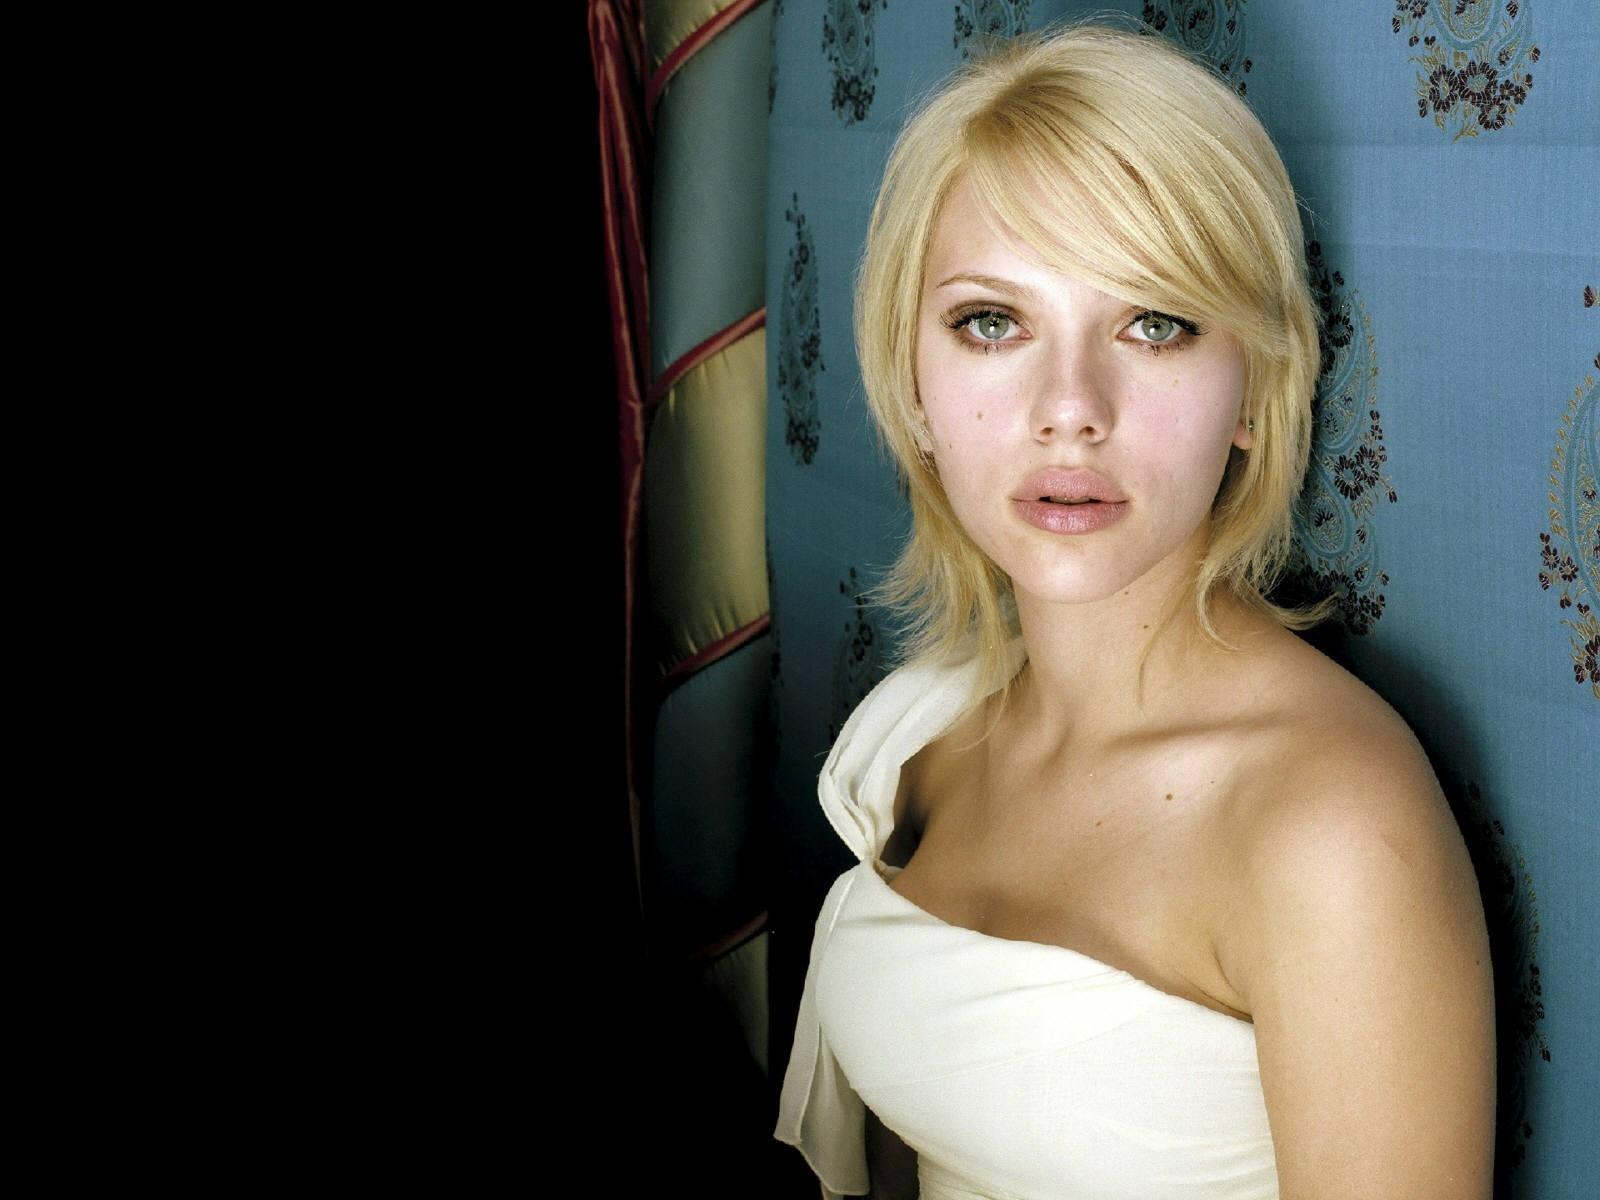 Wallpaper di Scarlett Johansson fasciata in abito bianco